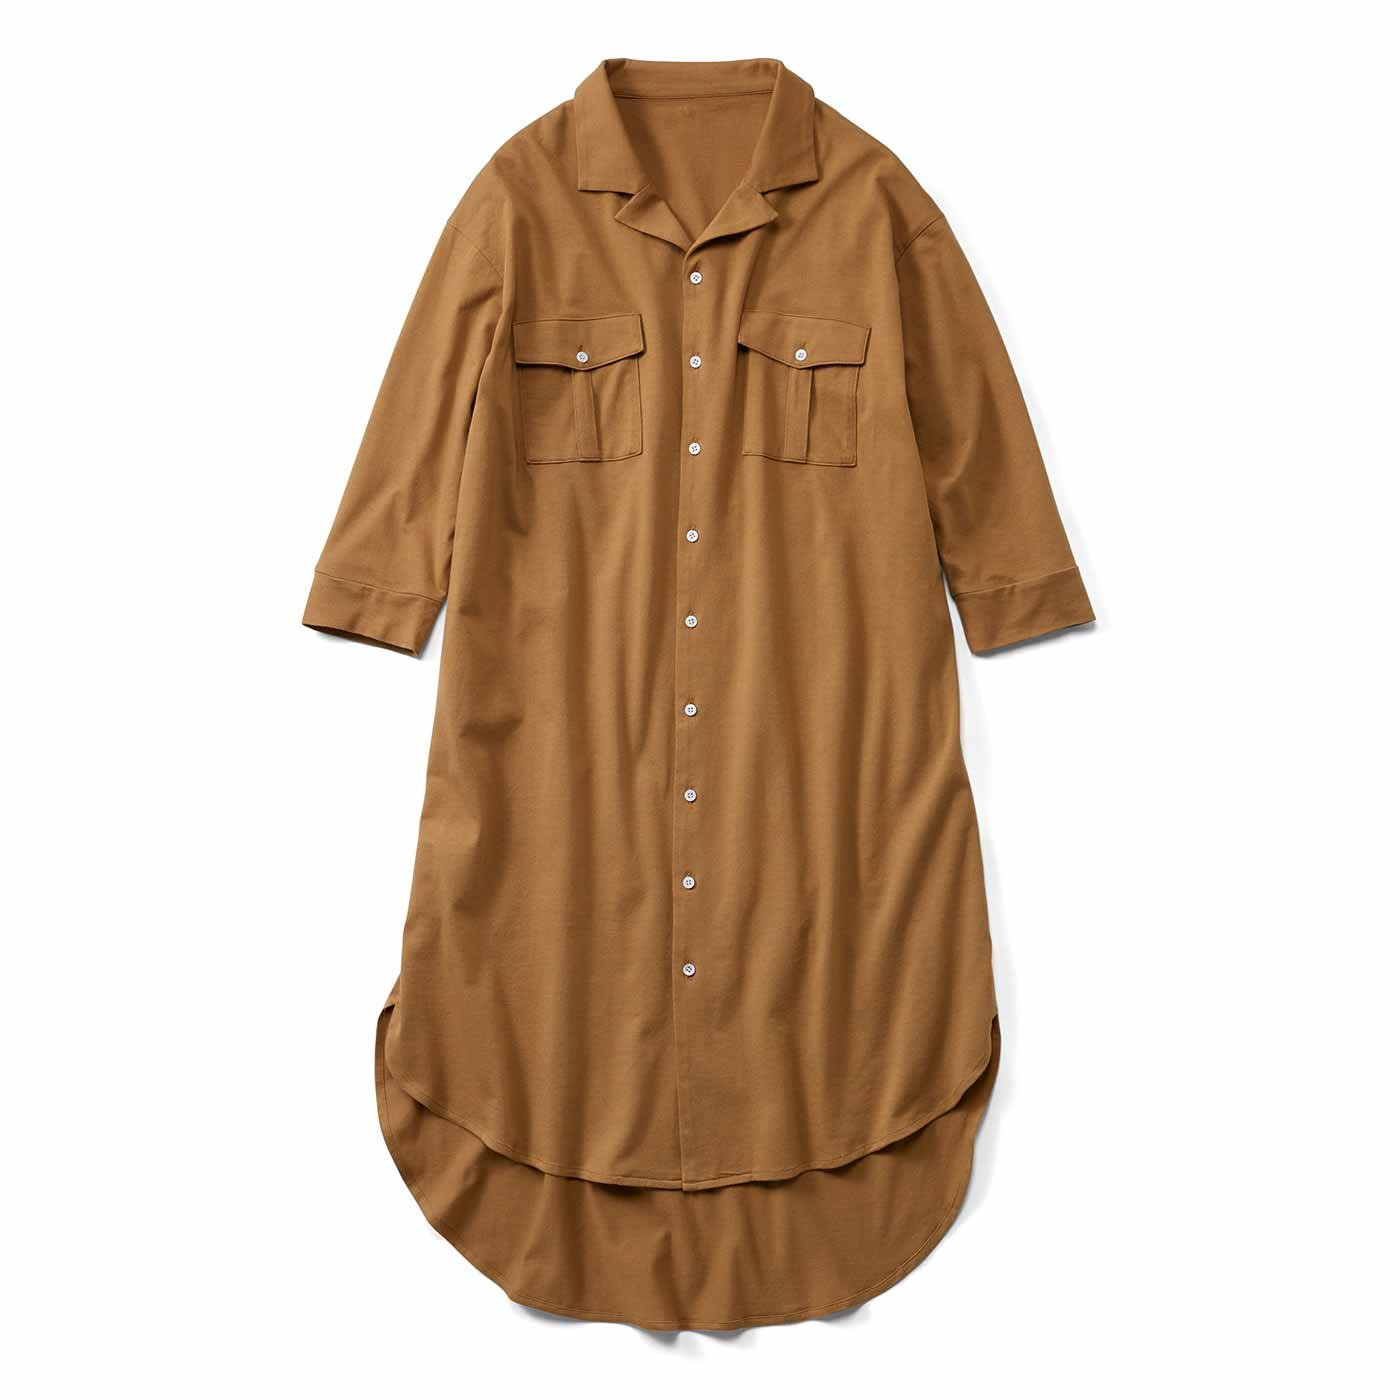 リブ イン コンフォート カットソー素材でらくちん! 着るだけでスタイル決まるシャツワンピース〈マスタード〉